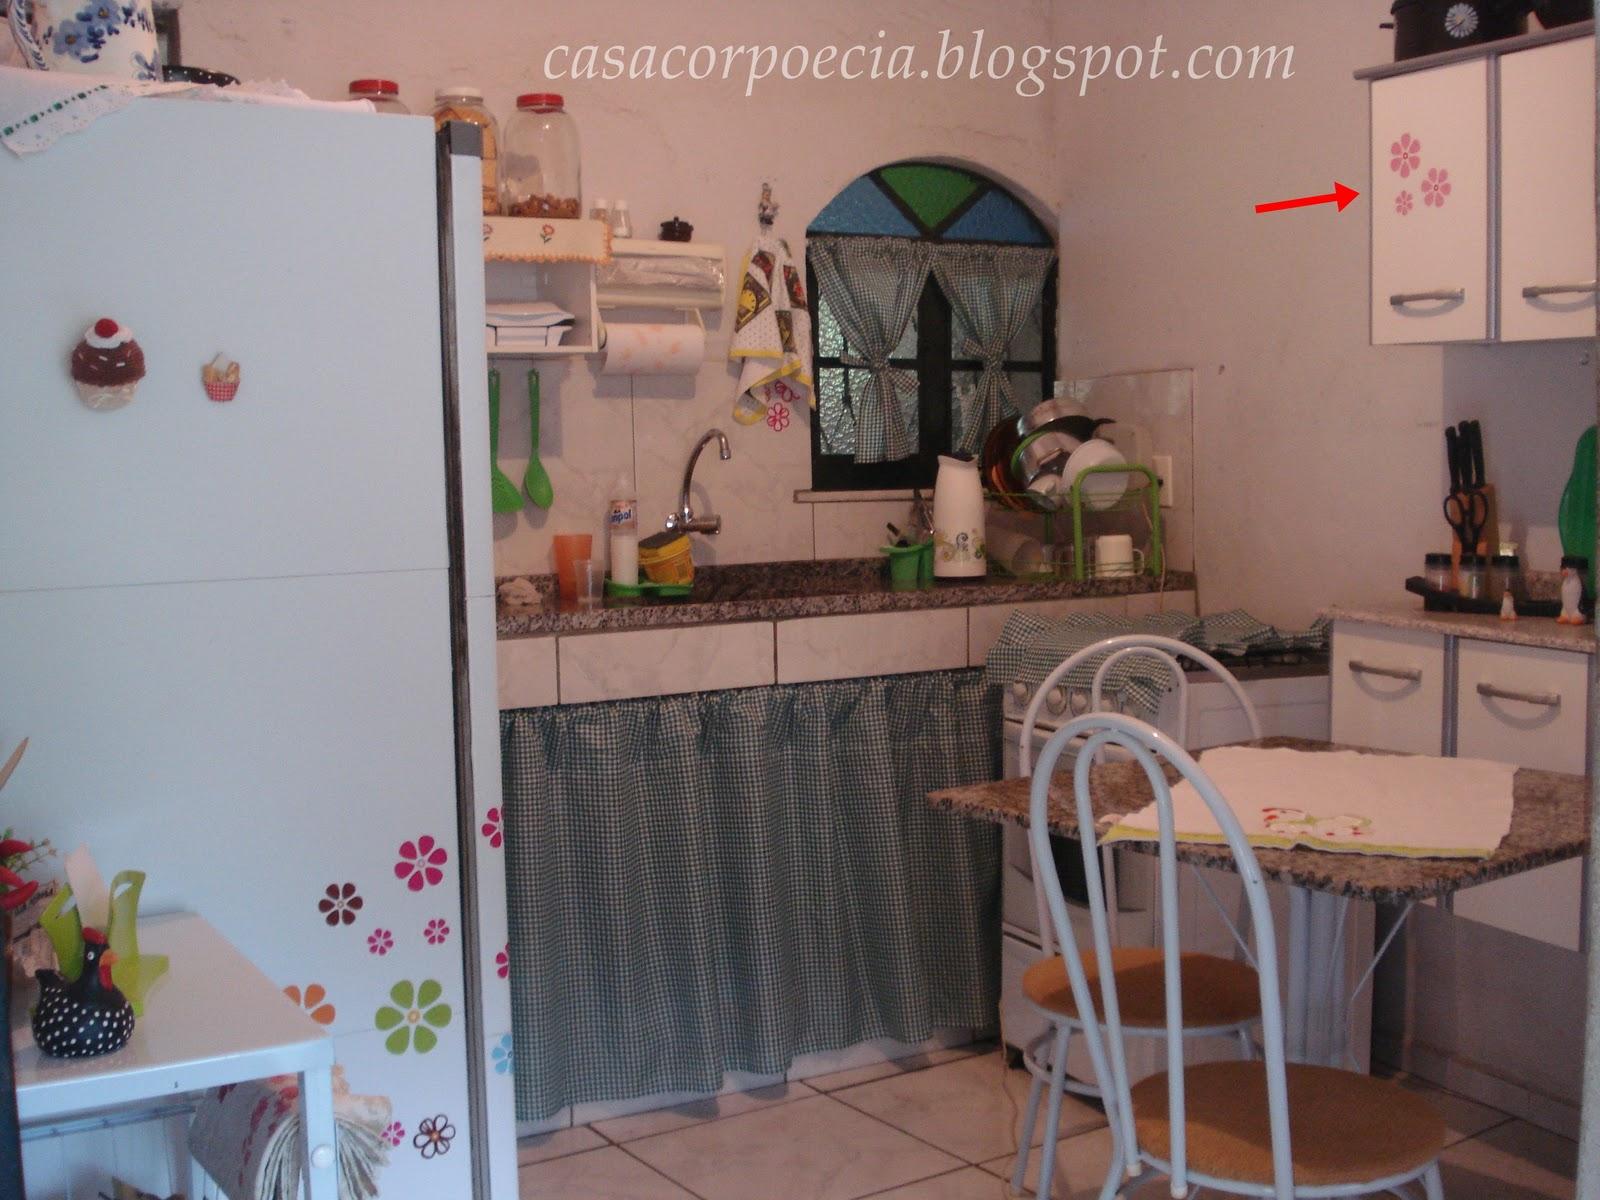 Decoração barata cozinha simples porém muito organizada com